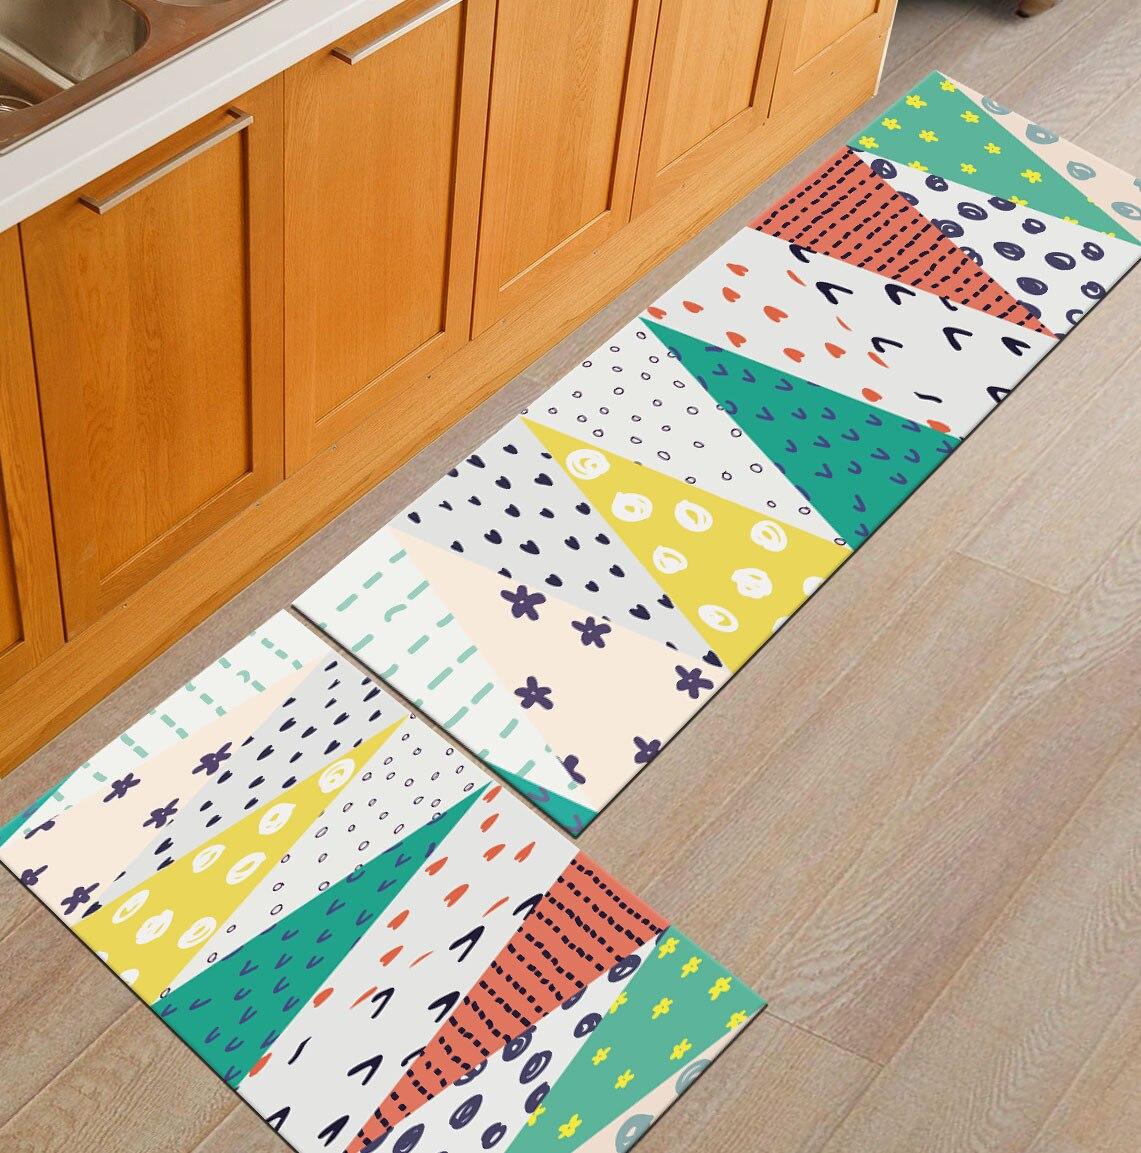 Современный геометрический Коврик для кухни, Противоскользящий коврик для ванной комнаты, домашний Коврик для прихожей/прихожей, коврик для шкафа/балкона, креативный ковер